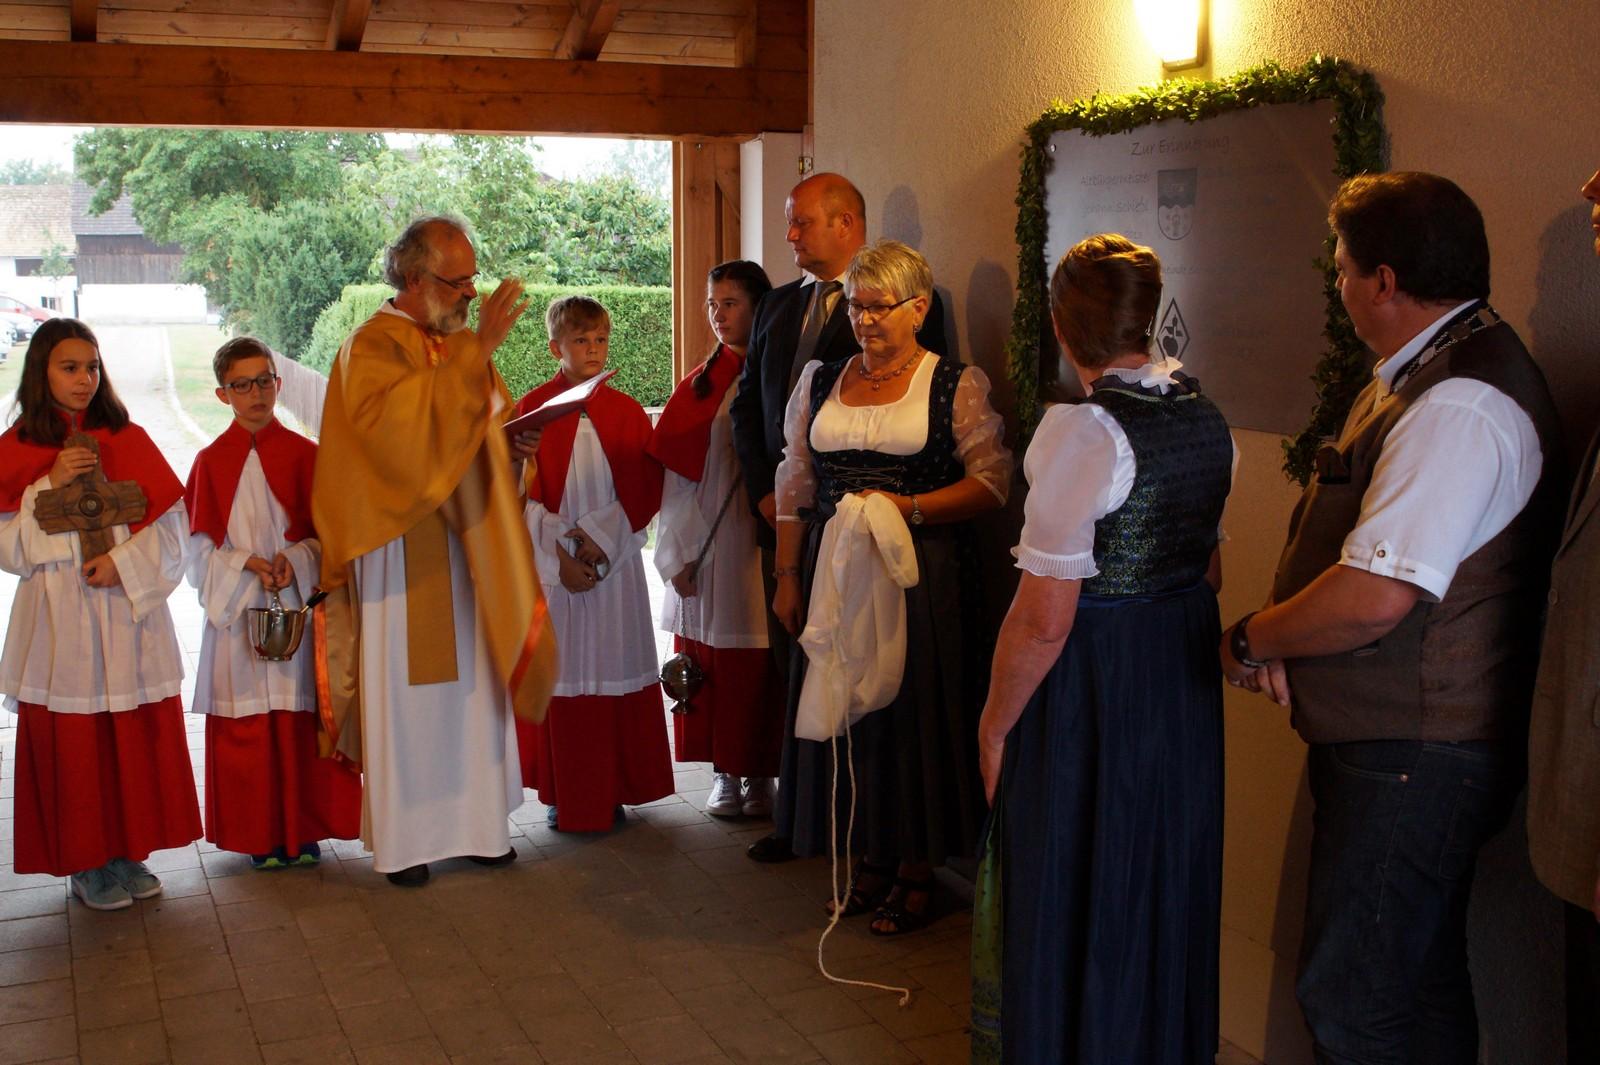 20180609-Abschluss Dorferneuerung Wölsendorf-Helferfest 16 Bierler Josef DSC02136